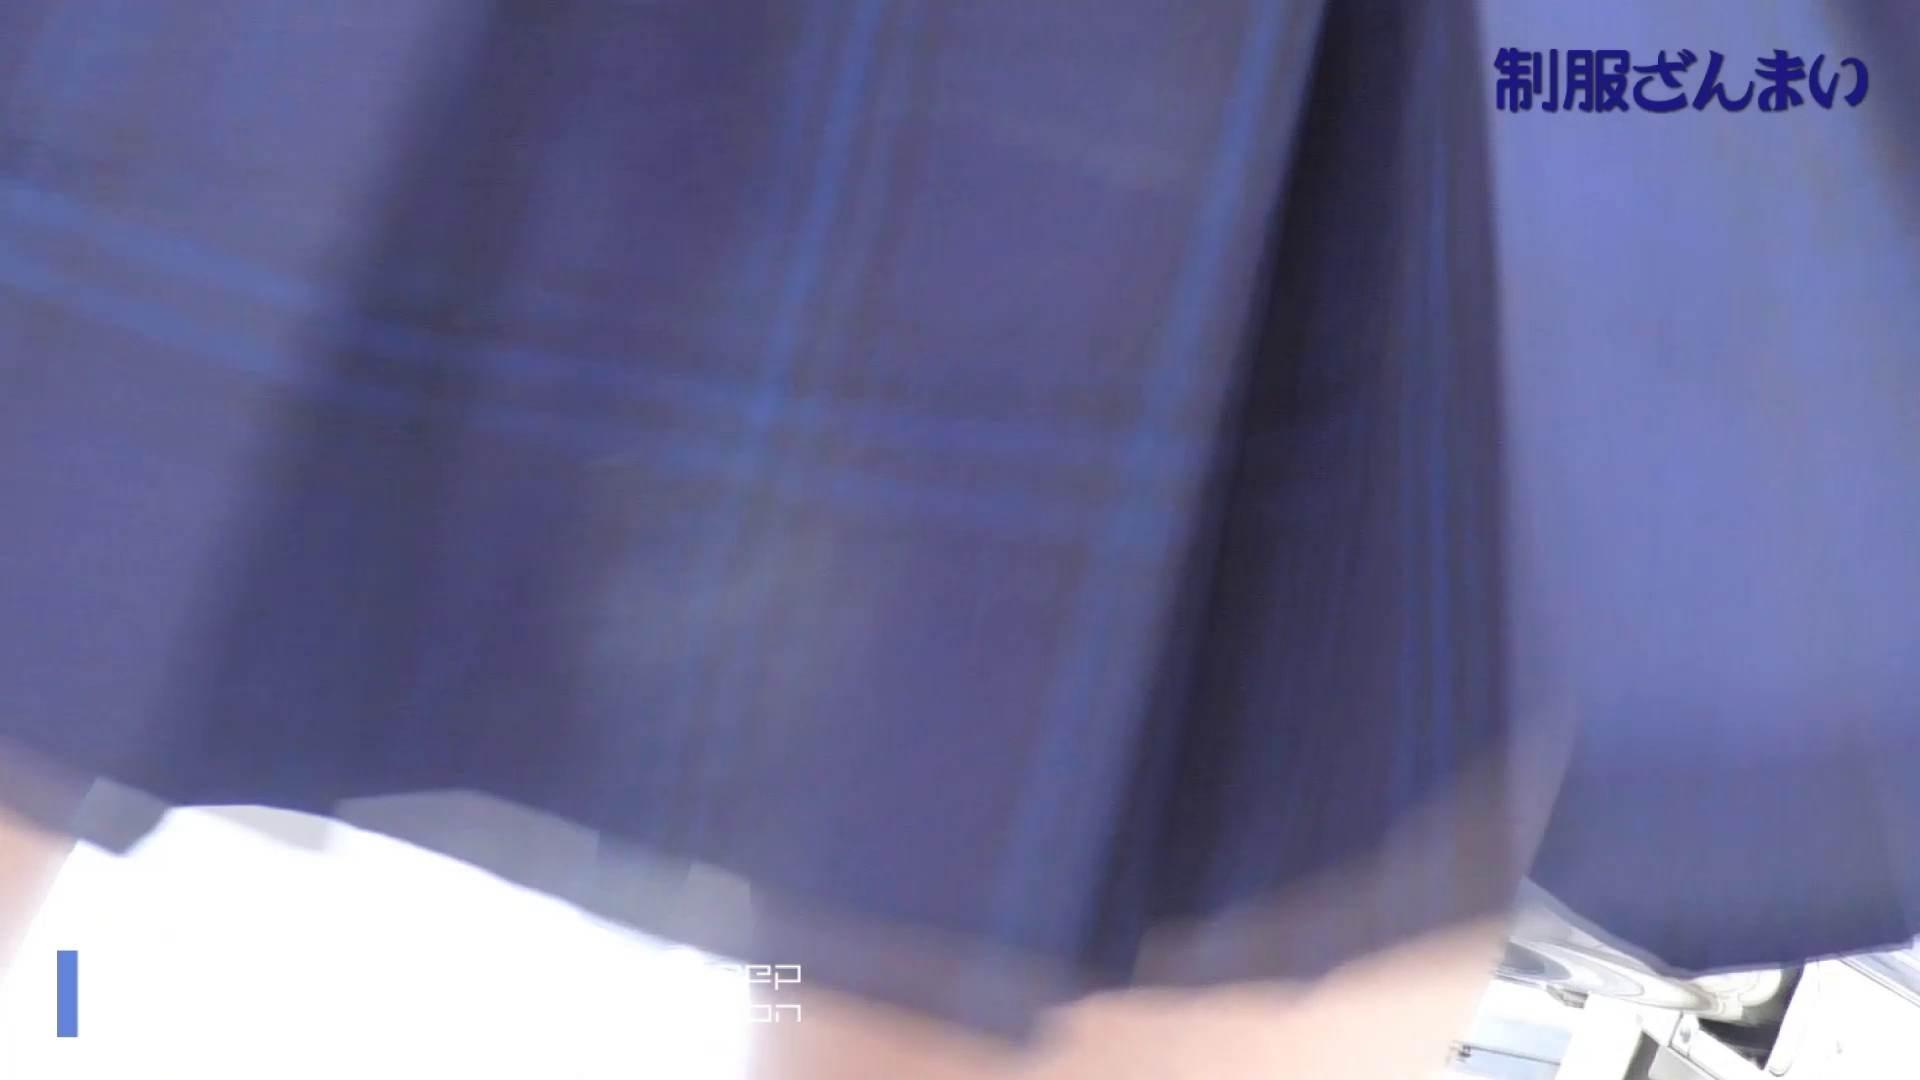 ▲2017_20位▲ パンツを売る女 Vol.24可愛い制月反の大胆SEX後編 美乳 スケベ動画紹介 106画像 18